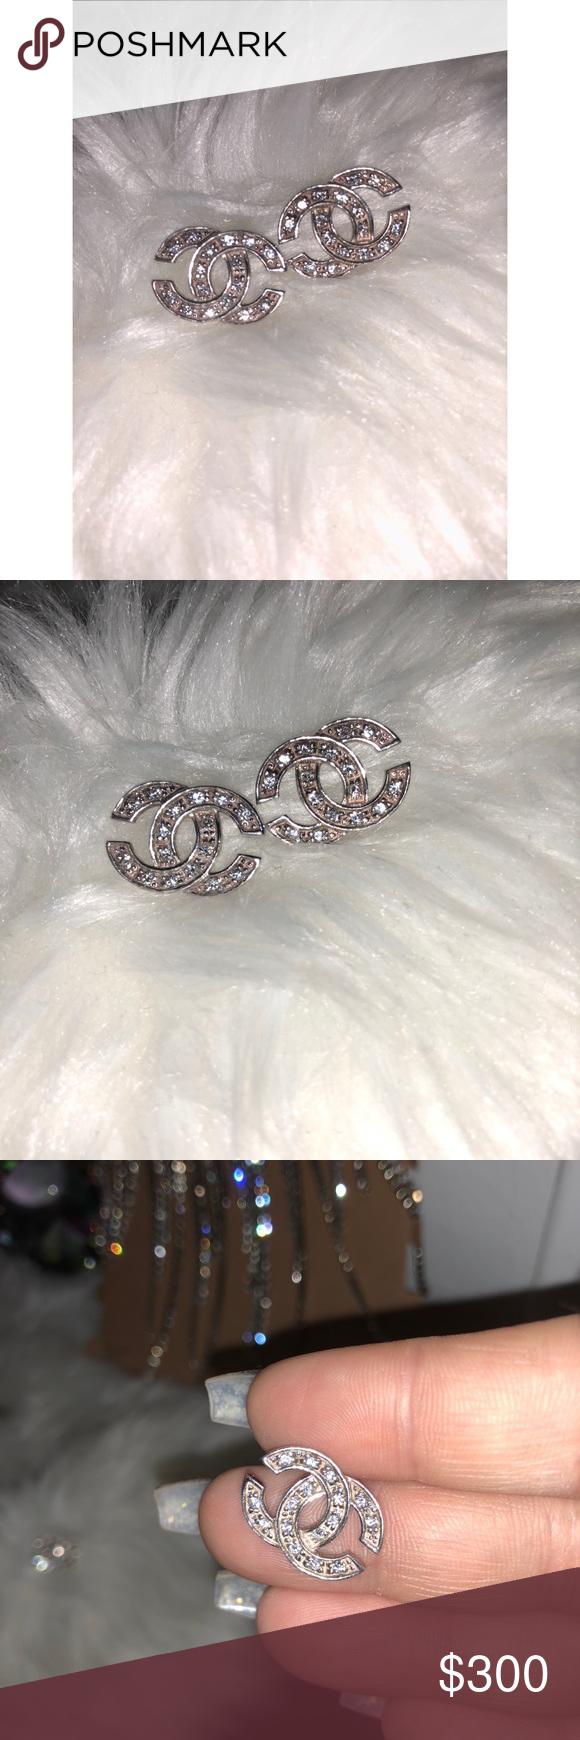 Silver CHANEL logo earrings AUTHENTIC Chanel logo